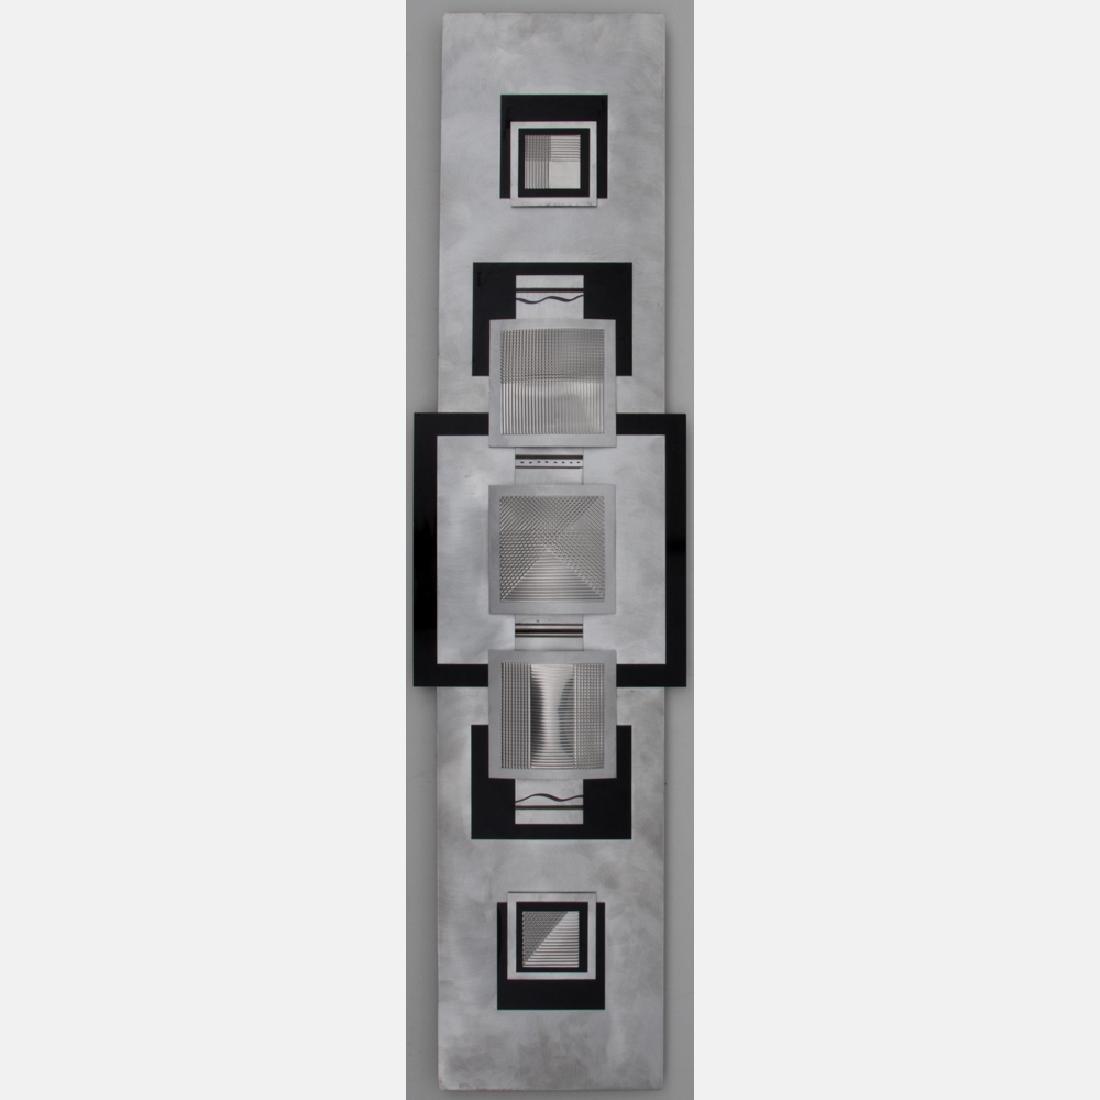 Jon Allen (20th Century) Untitled, Aluminum, laminate